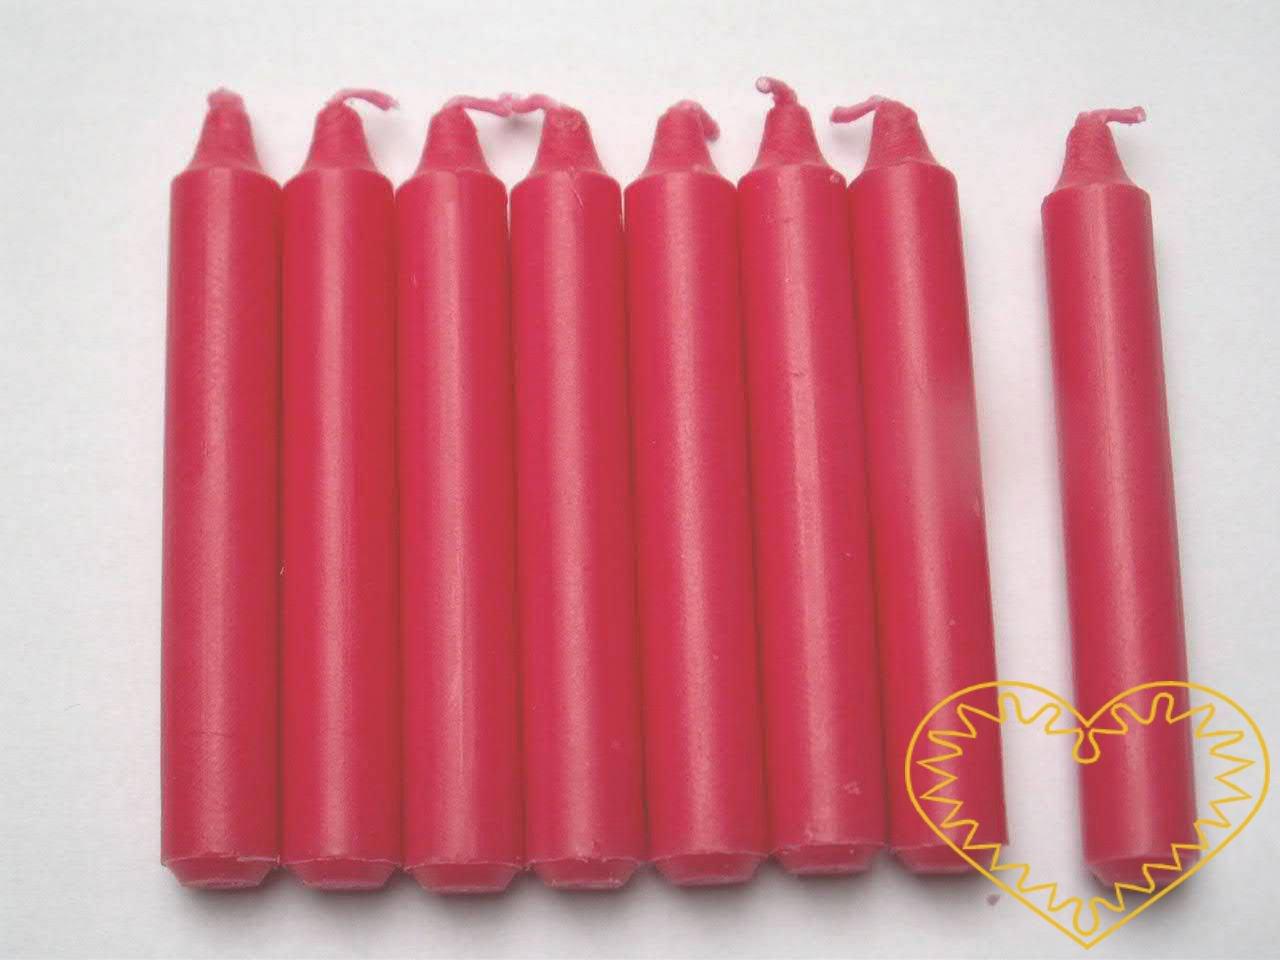 Červené vánoční svíčky - sada 12 kusů, ø 1,2 cm, výška 9,5 cm. Vhodné nejen na stromeček, ale i k vytváření nejrůznějších vánočních aranžmá, svícnů či menších adventních věnců.